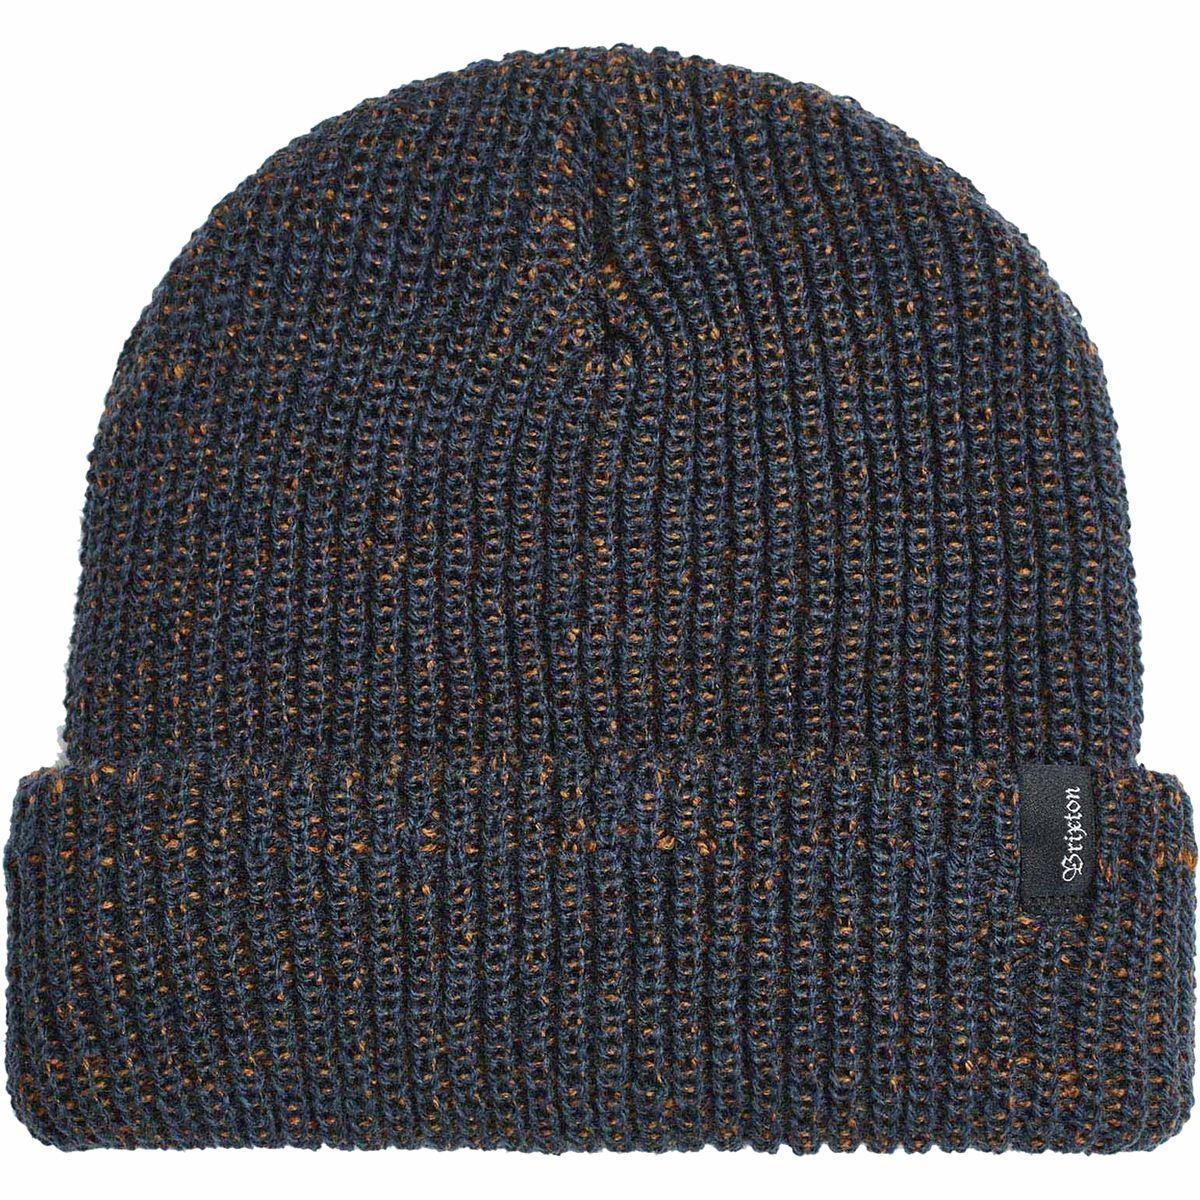 Washed Navy Heist Beanie Hat